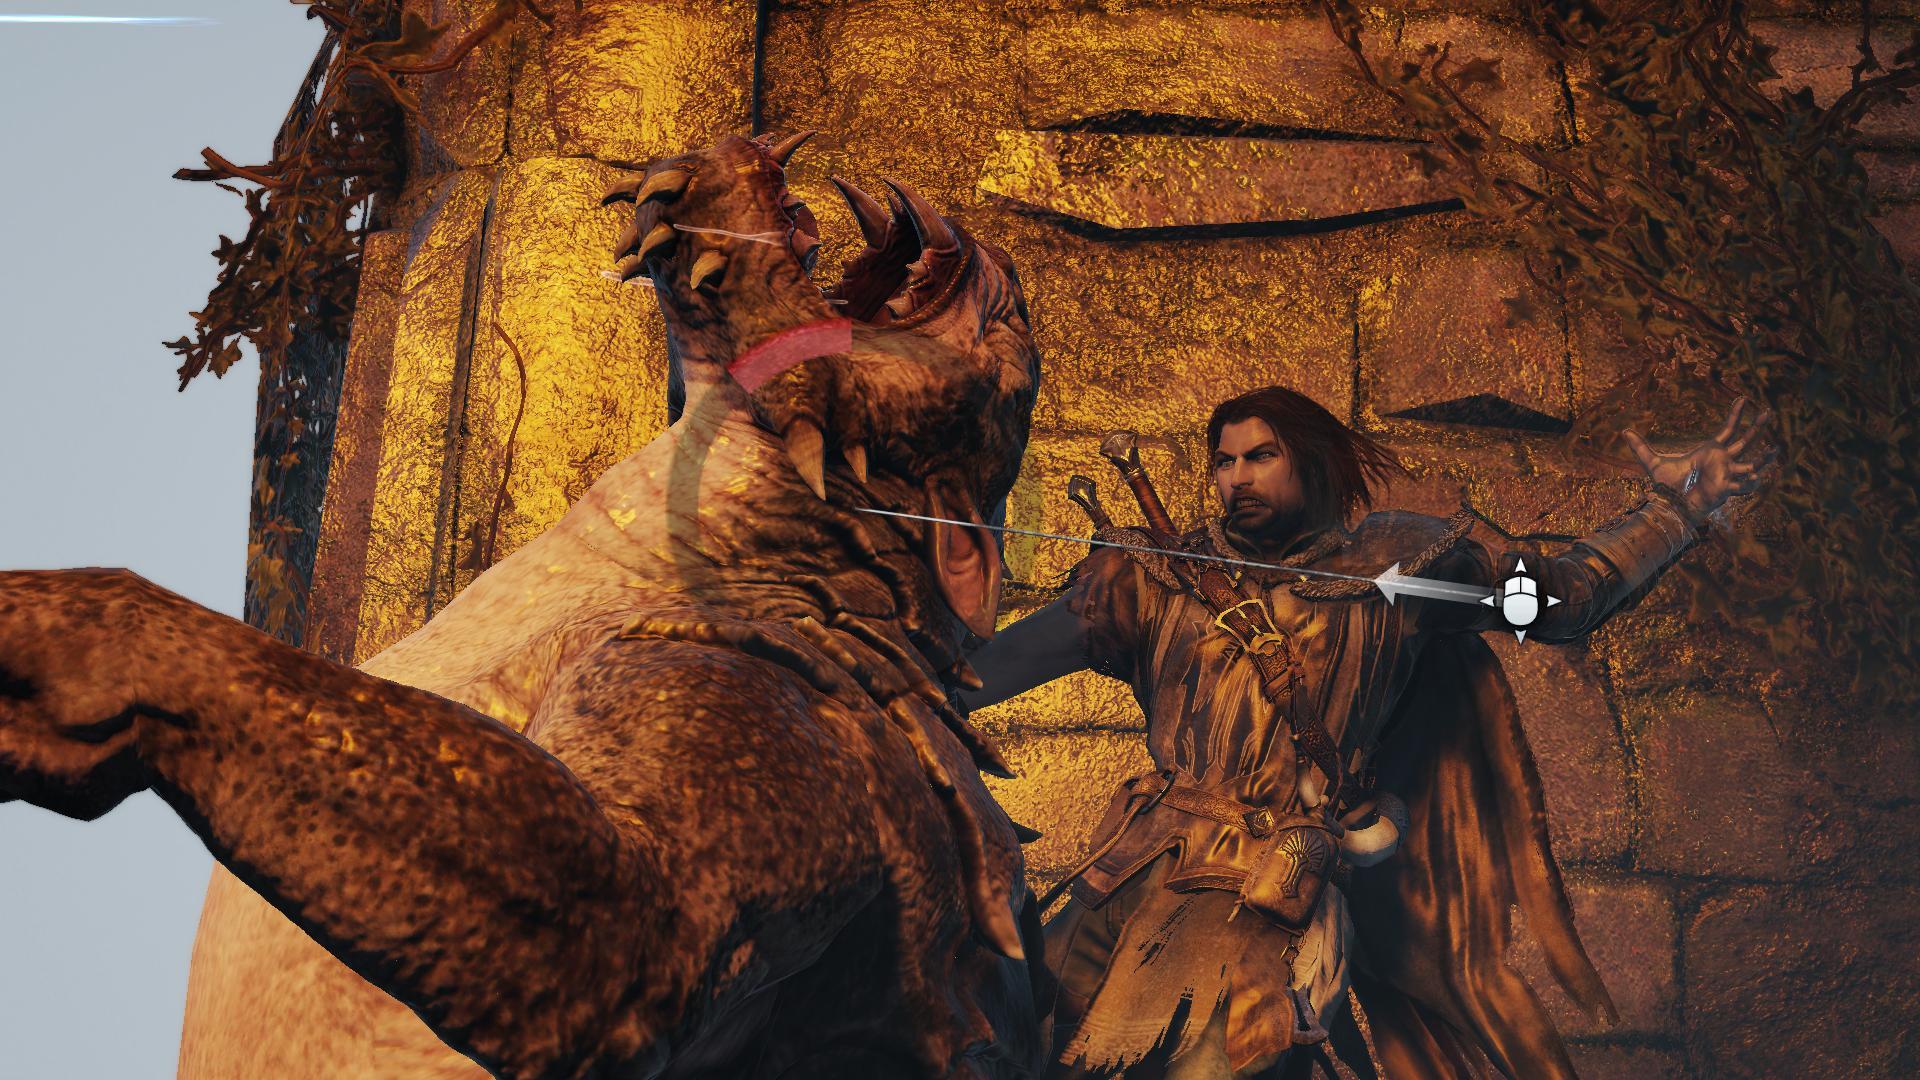 Recenze:Middle-earth: Shadow of Mordor - Krásný výlet do Středozemě? 9560